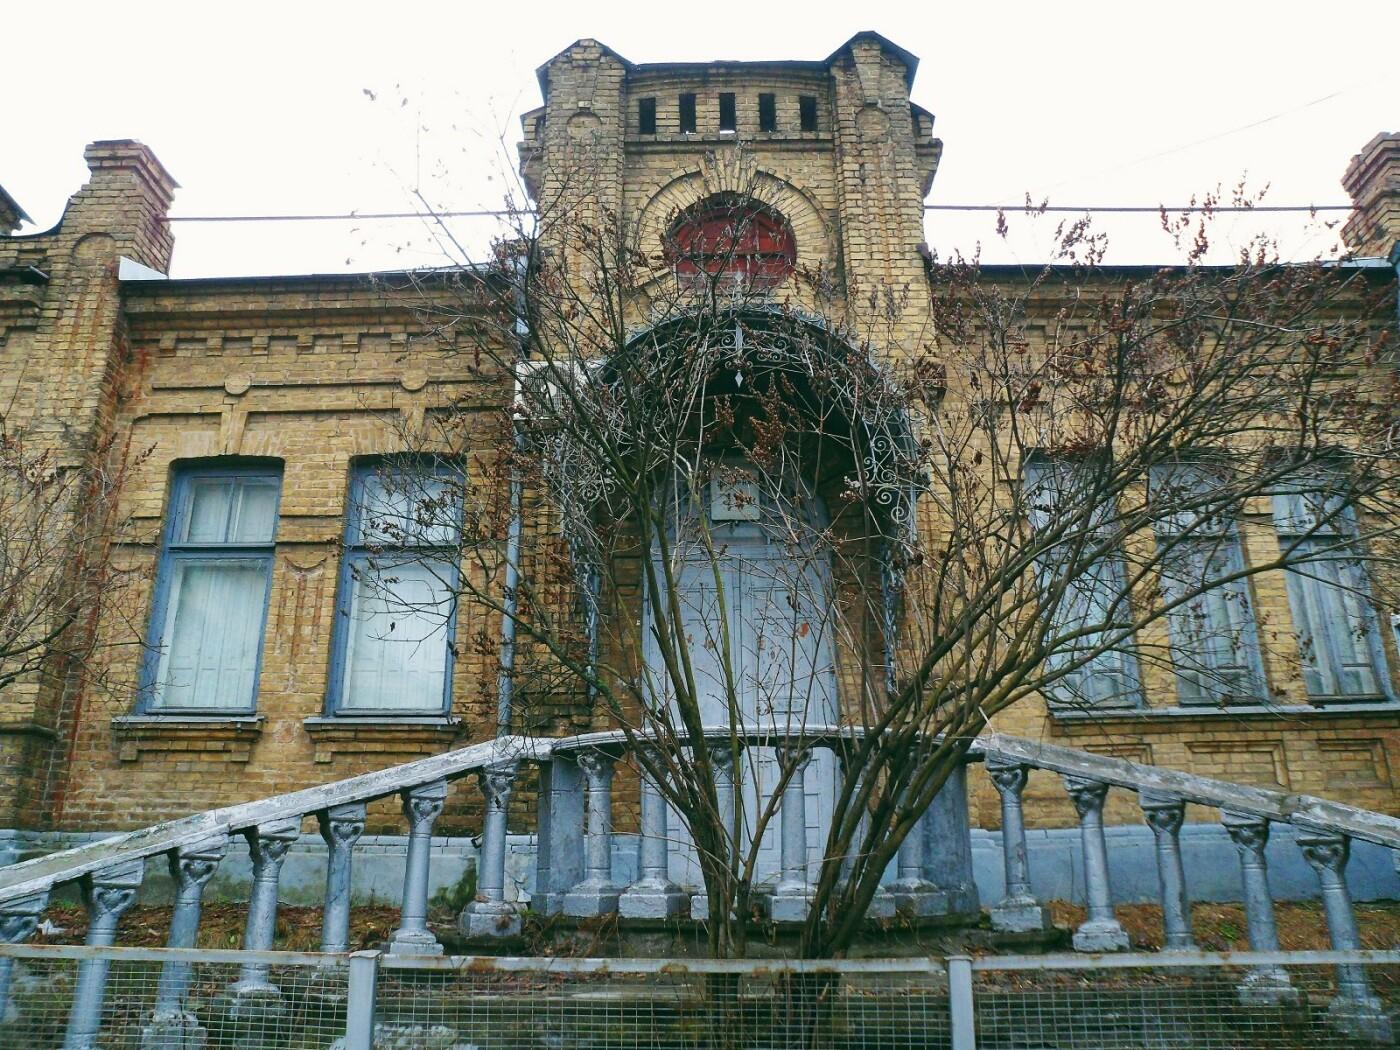 Нагорная, 14, Киев, Фото: Влад Никон